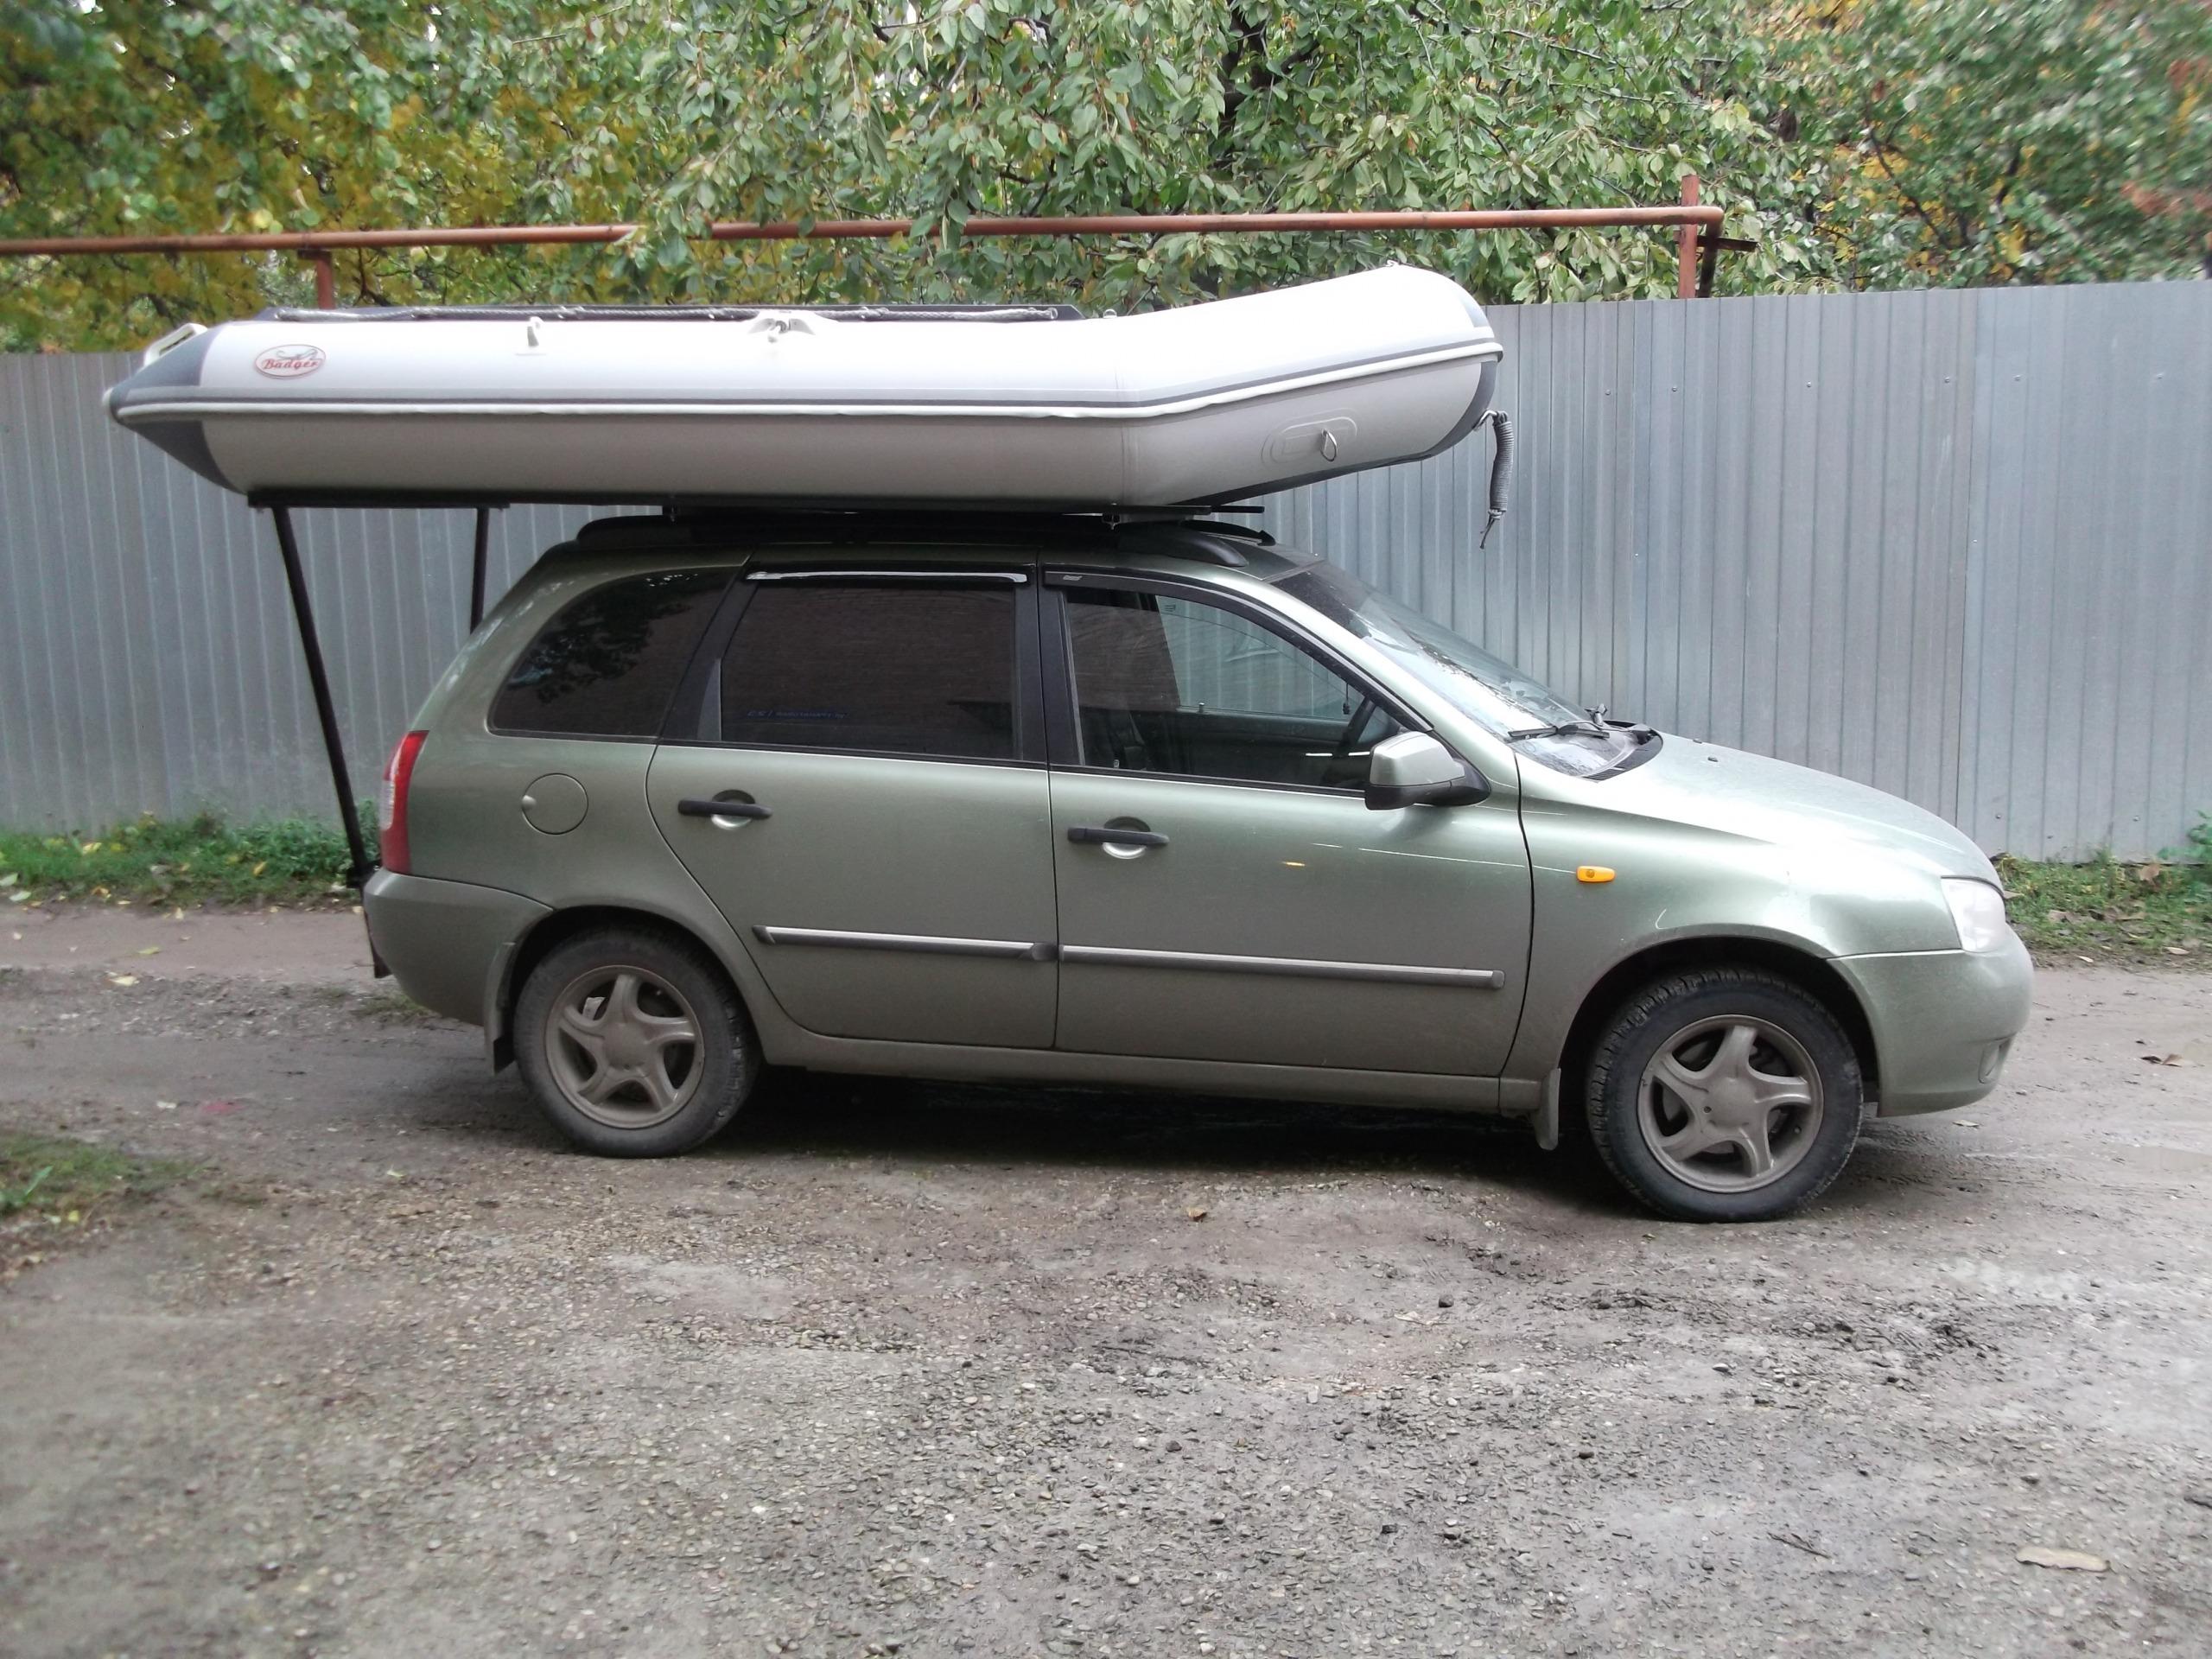 перевозка пвх лодки на багажнике автомобиля